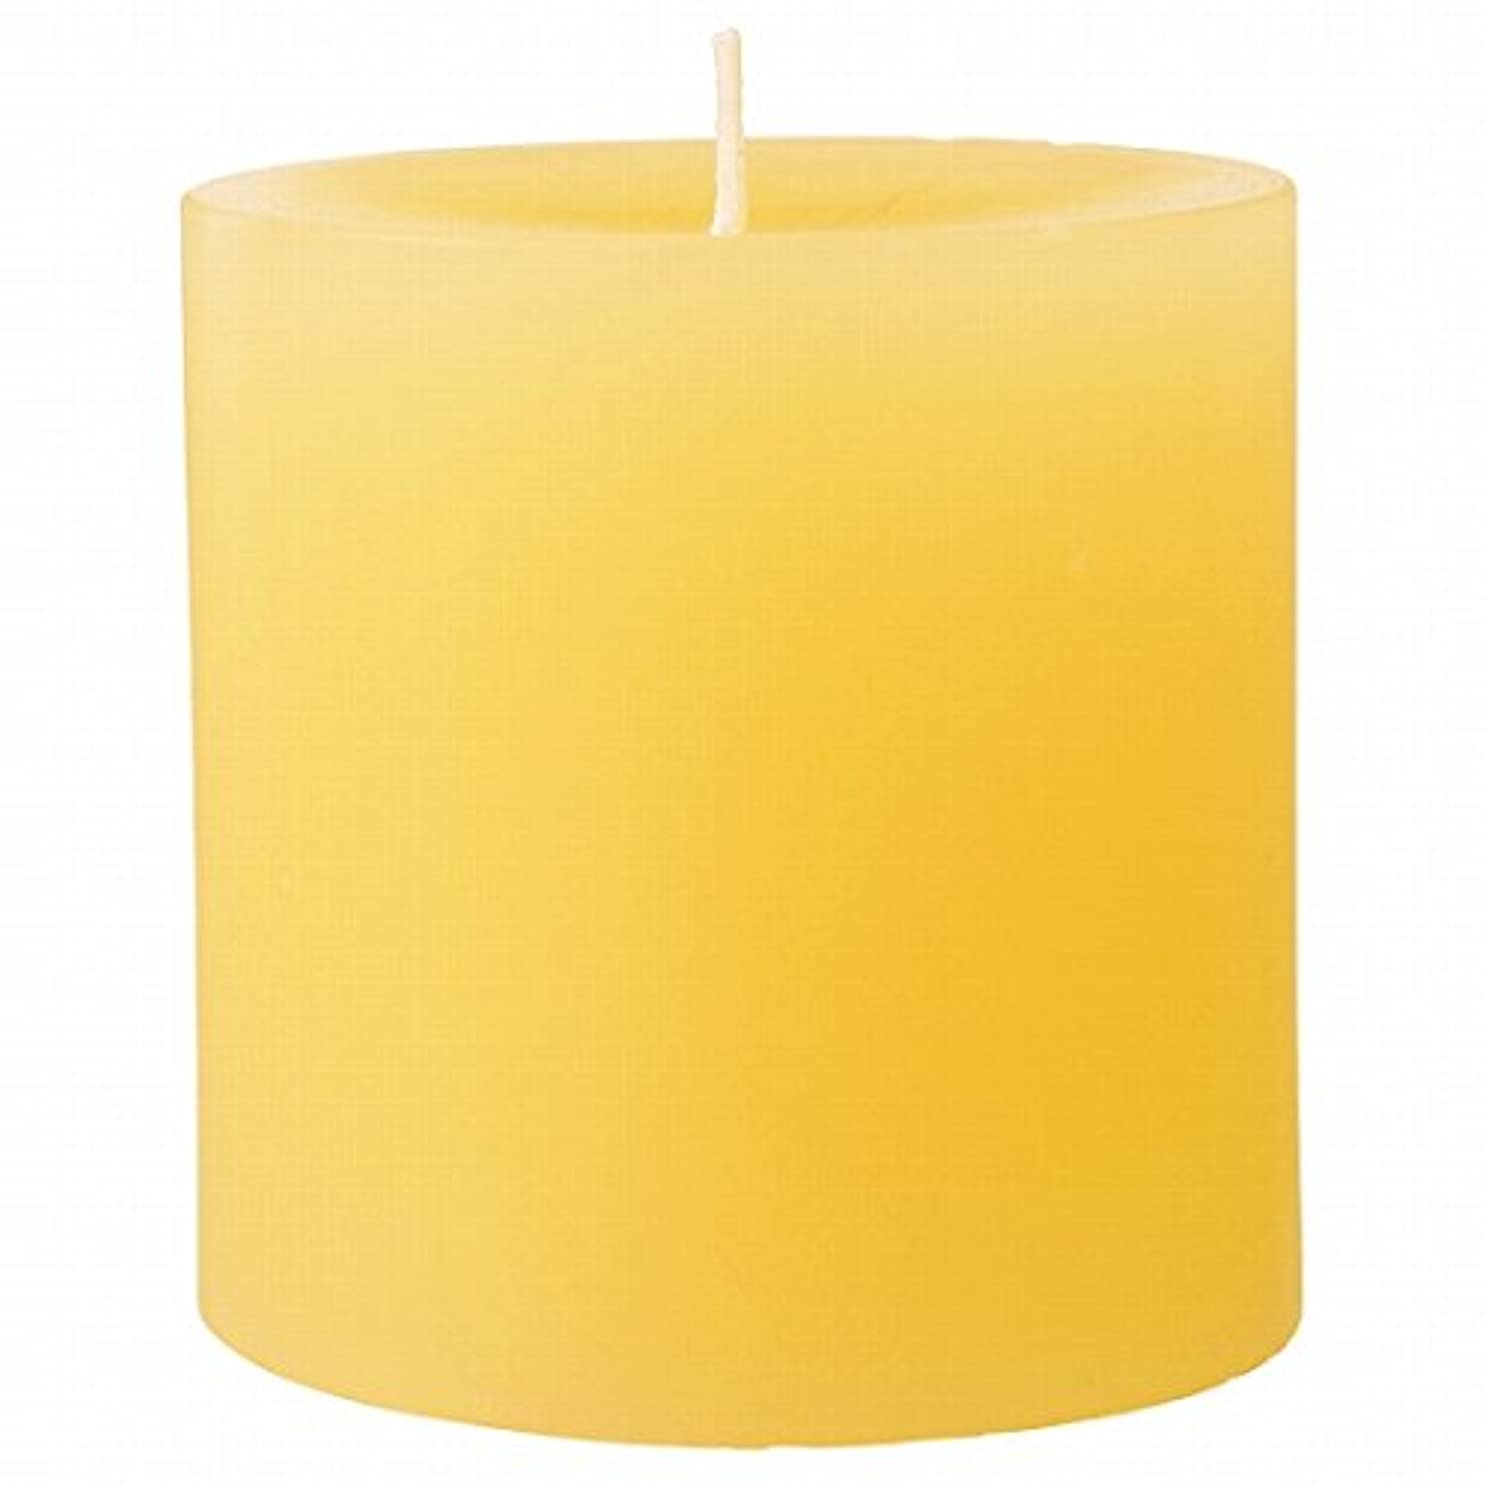 選択するたまに下線カメヤマキャンドル(kameyama candle) 75×75ピラーキャンドル 「 アイボリー 」